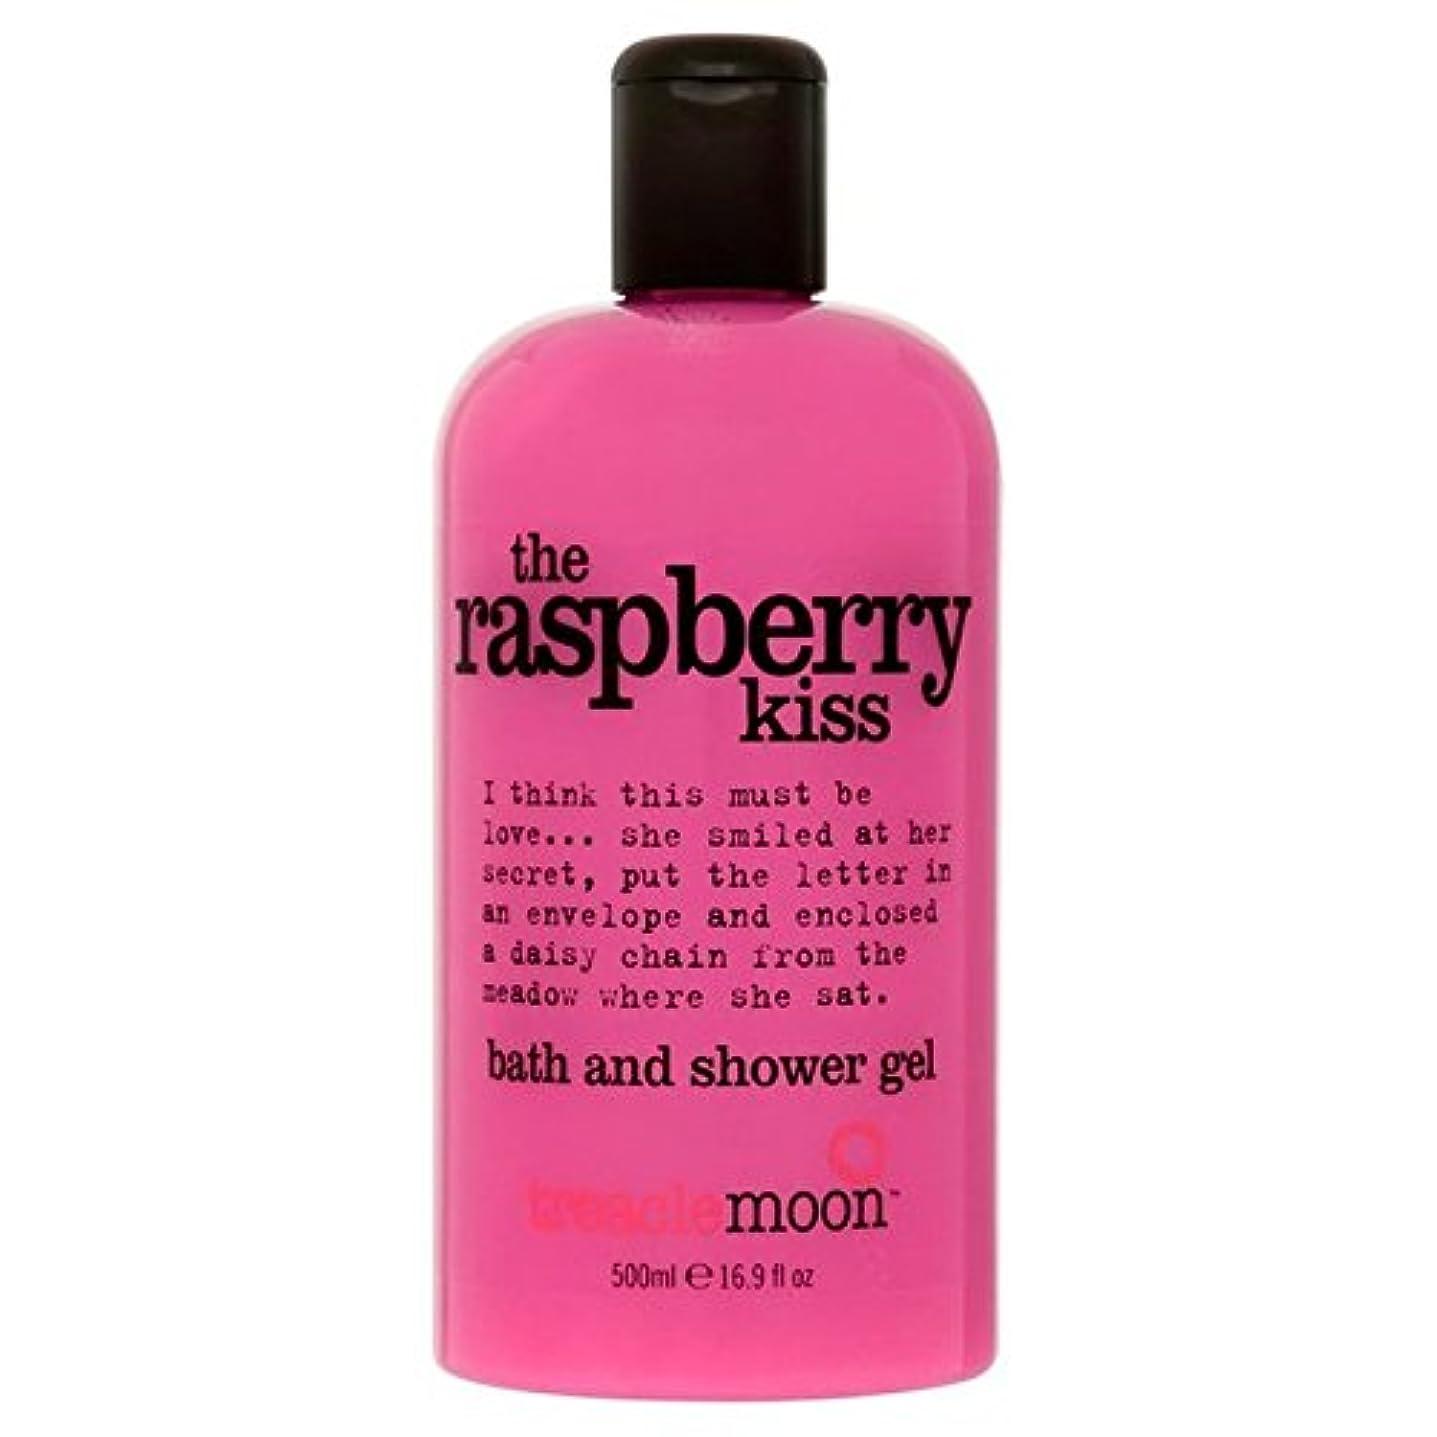 まだ寛容私の糖蜜ムーンラズベリーバス&シャワージェル500ミリリットル x2 - Treacle Moon Raspberry Bath & Shower Gel 500ml (Pack of 2) [並行輸入品]